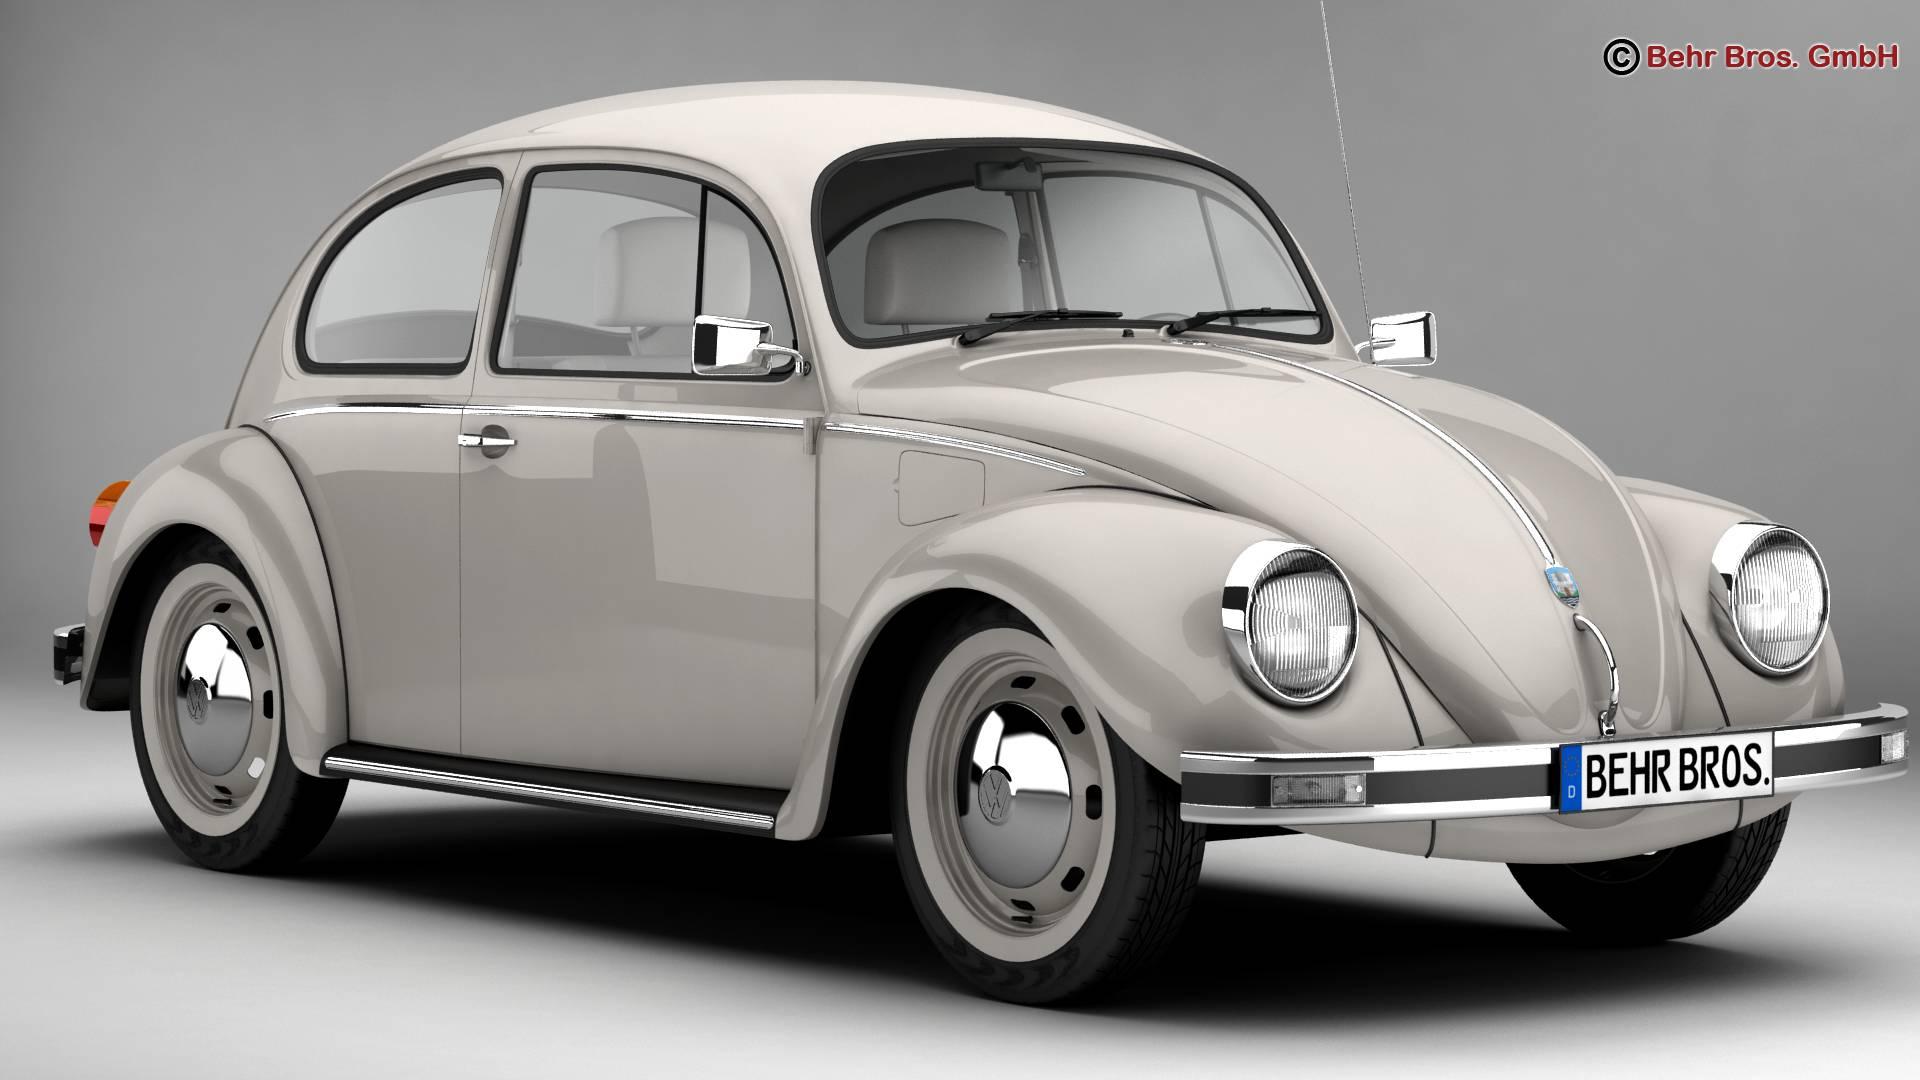 volkswagen beetle 2003 ultima edicion 3d model 3ds max fbx c4d lwo ma mb obj 220878